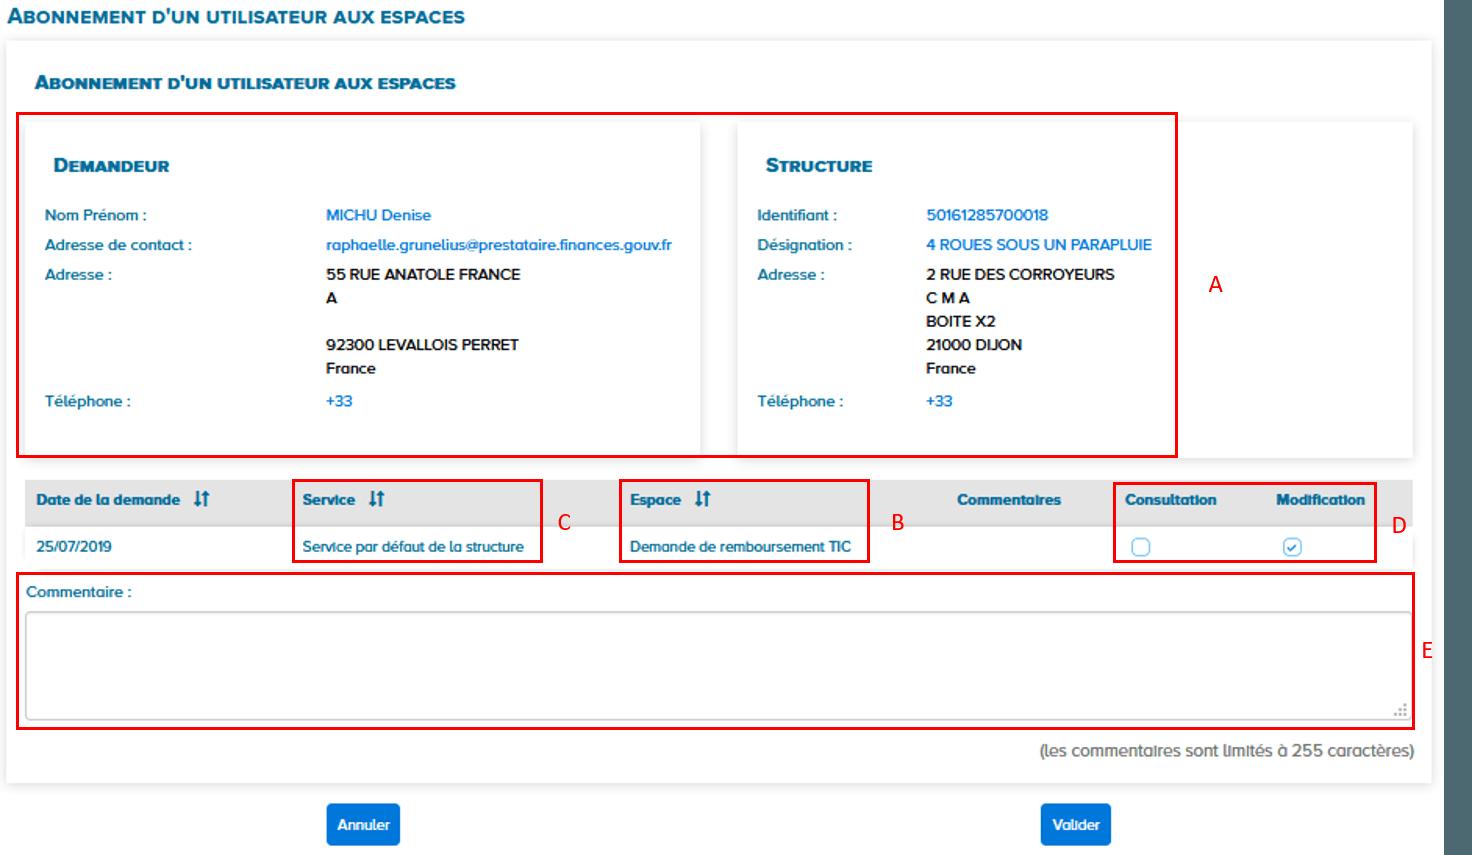 Ecran abonnement d'un utilisateur aux espaces